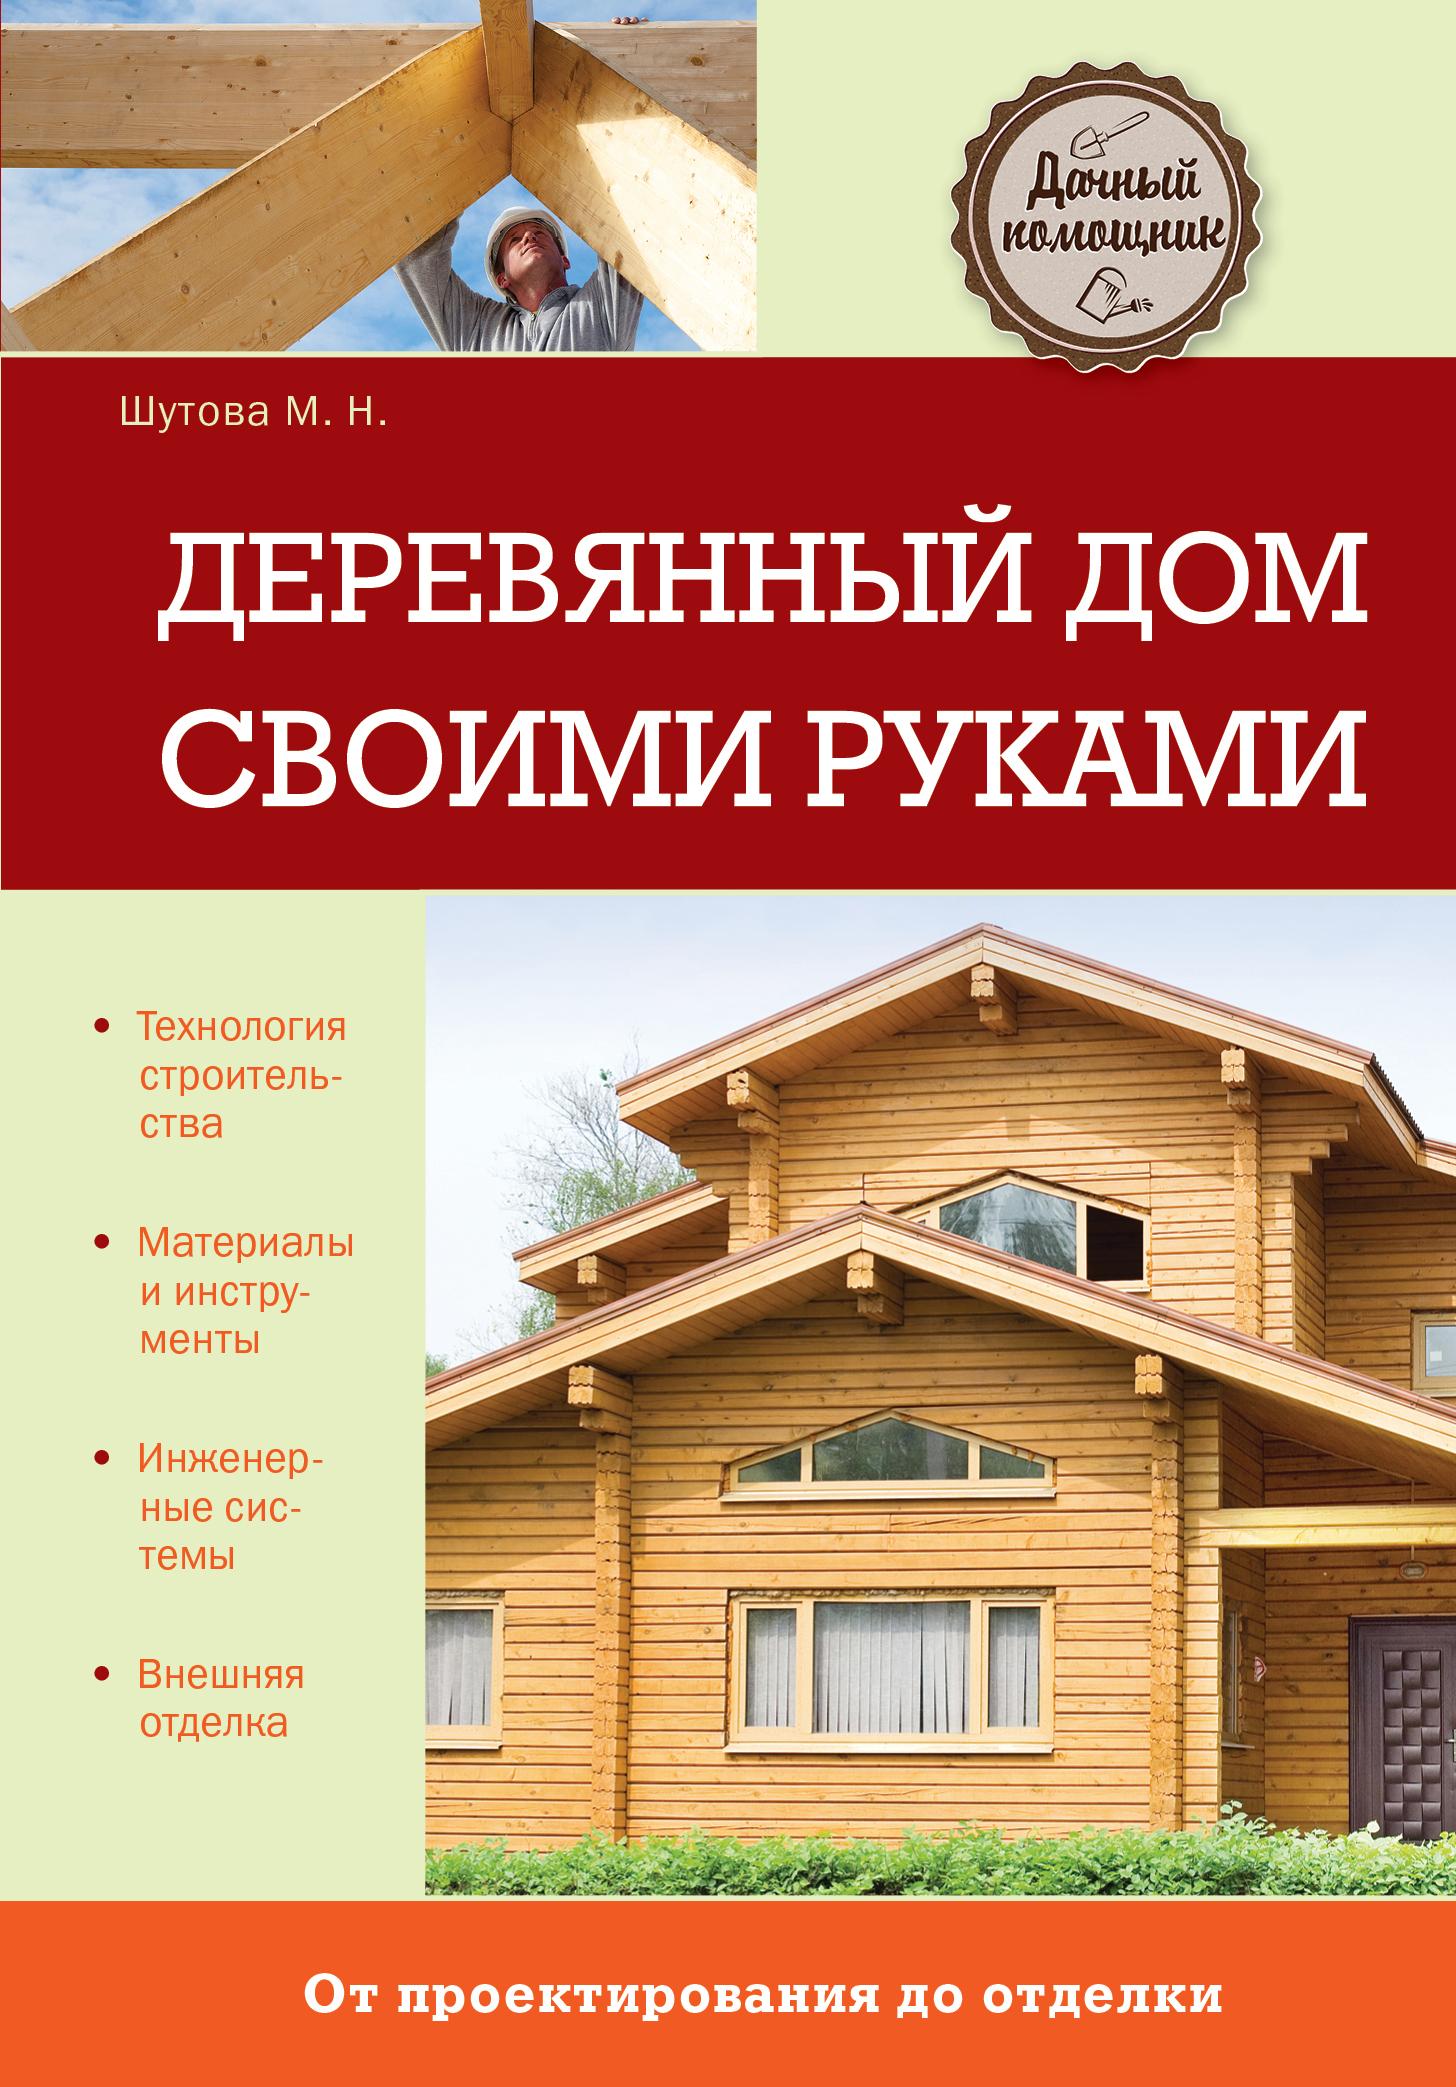 Деревянный дом своими руками книга